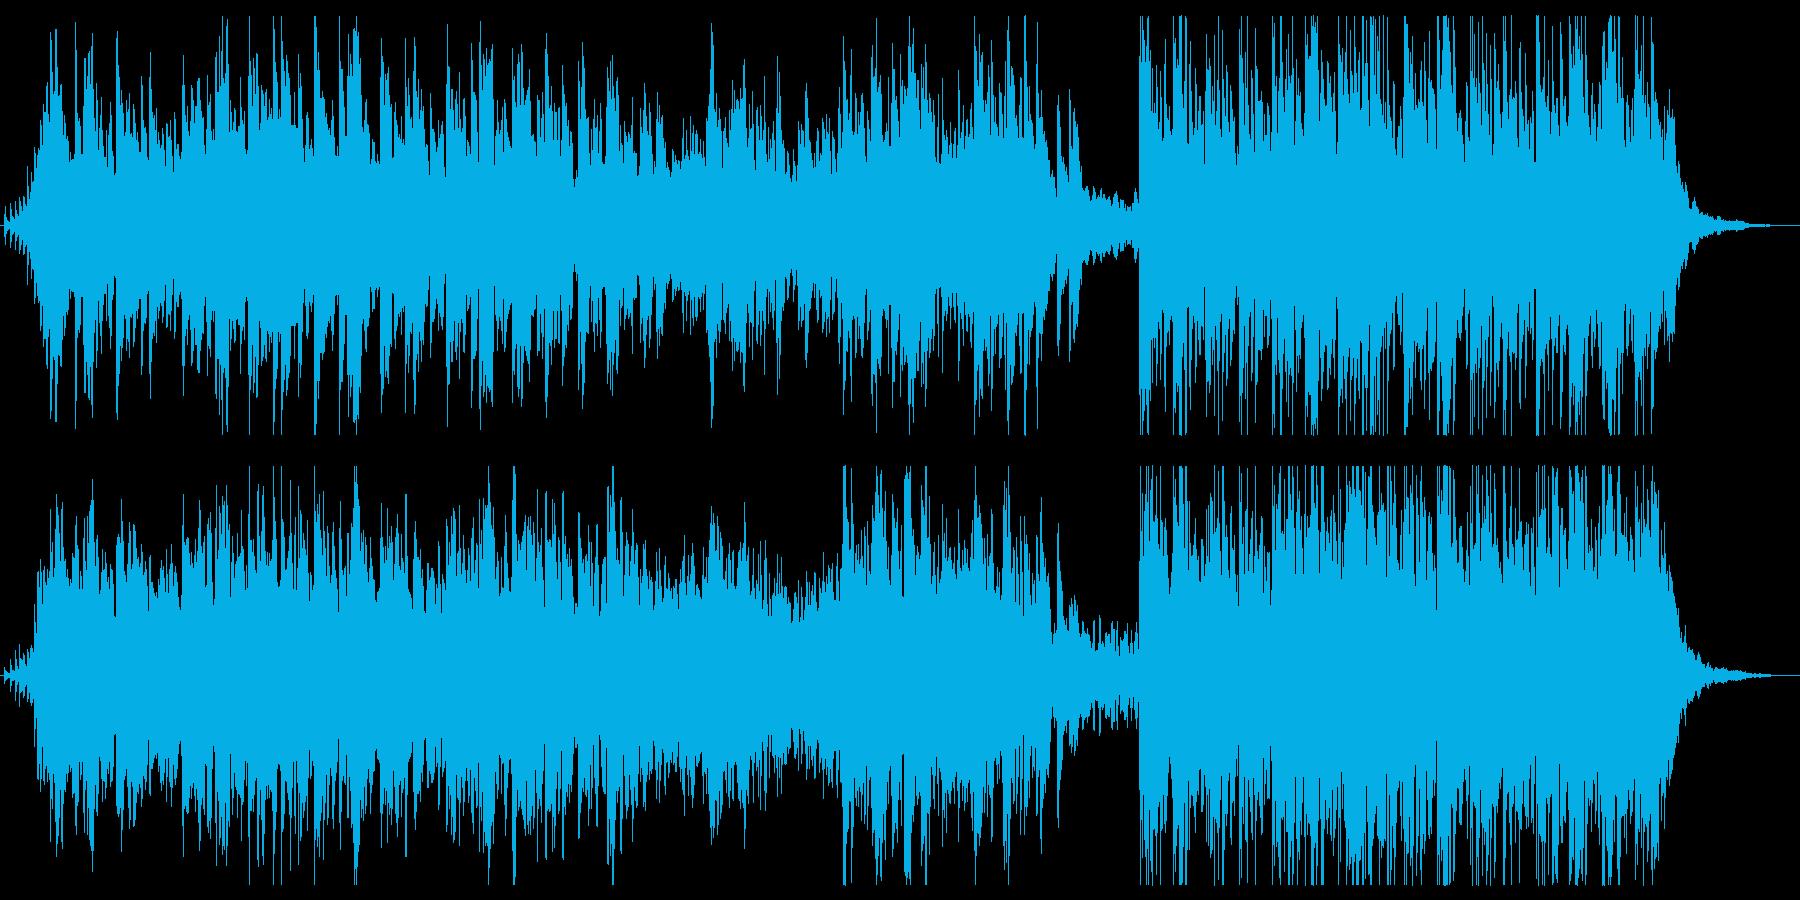 【冬の夜空】切なくて幻想的なBGMの再生済みの波形